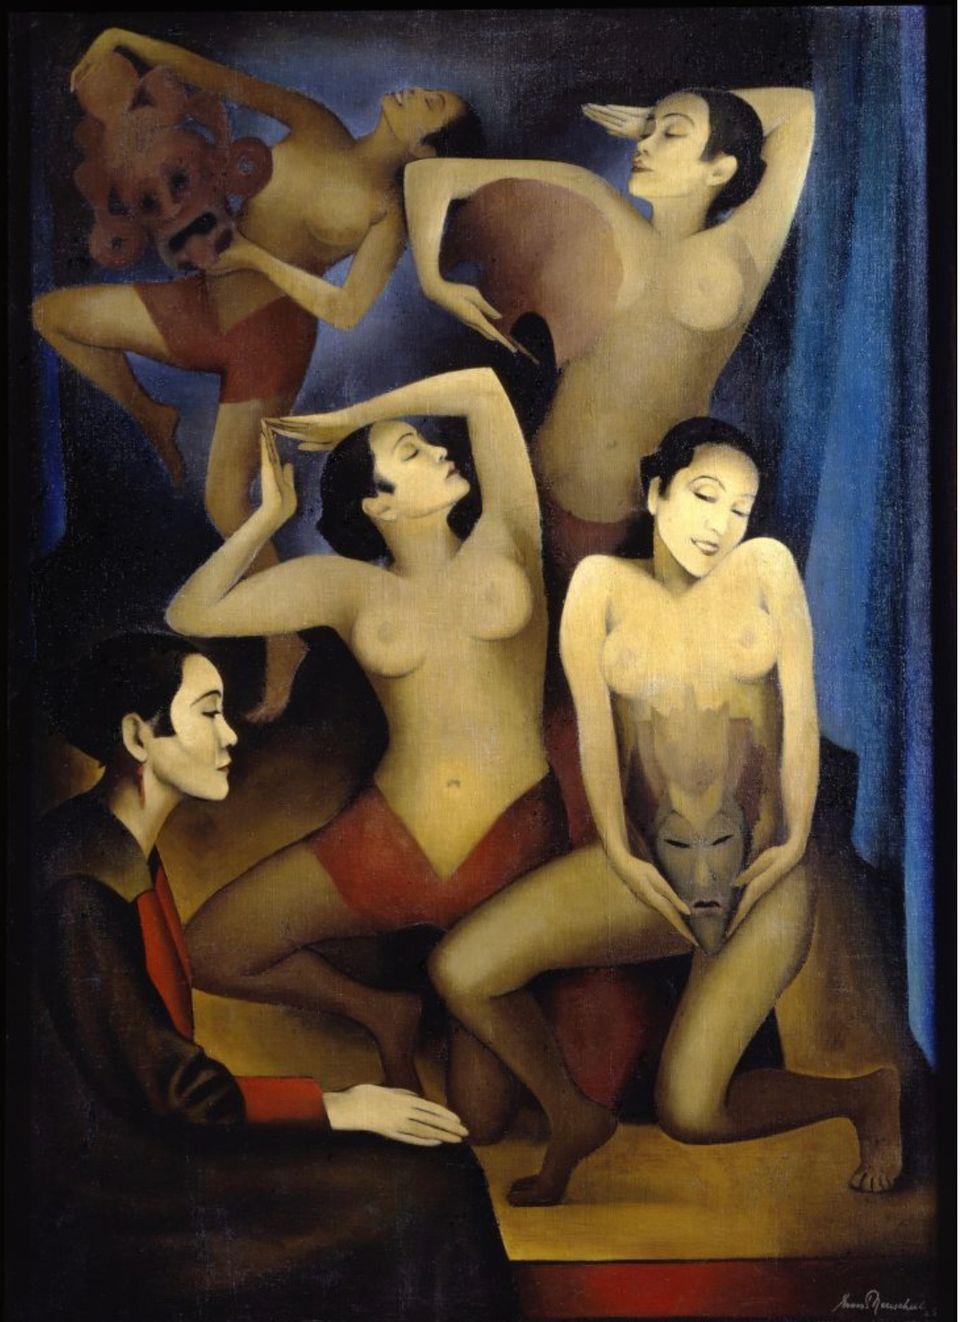 Ernest Neuschul, Takka-Takka baila (Takka-Takka tanzt), 1926 © Nachlass Ernest Neuschul